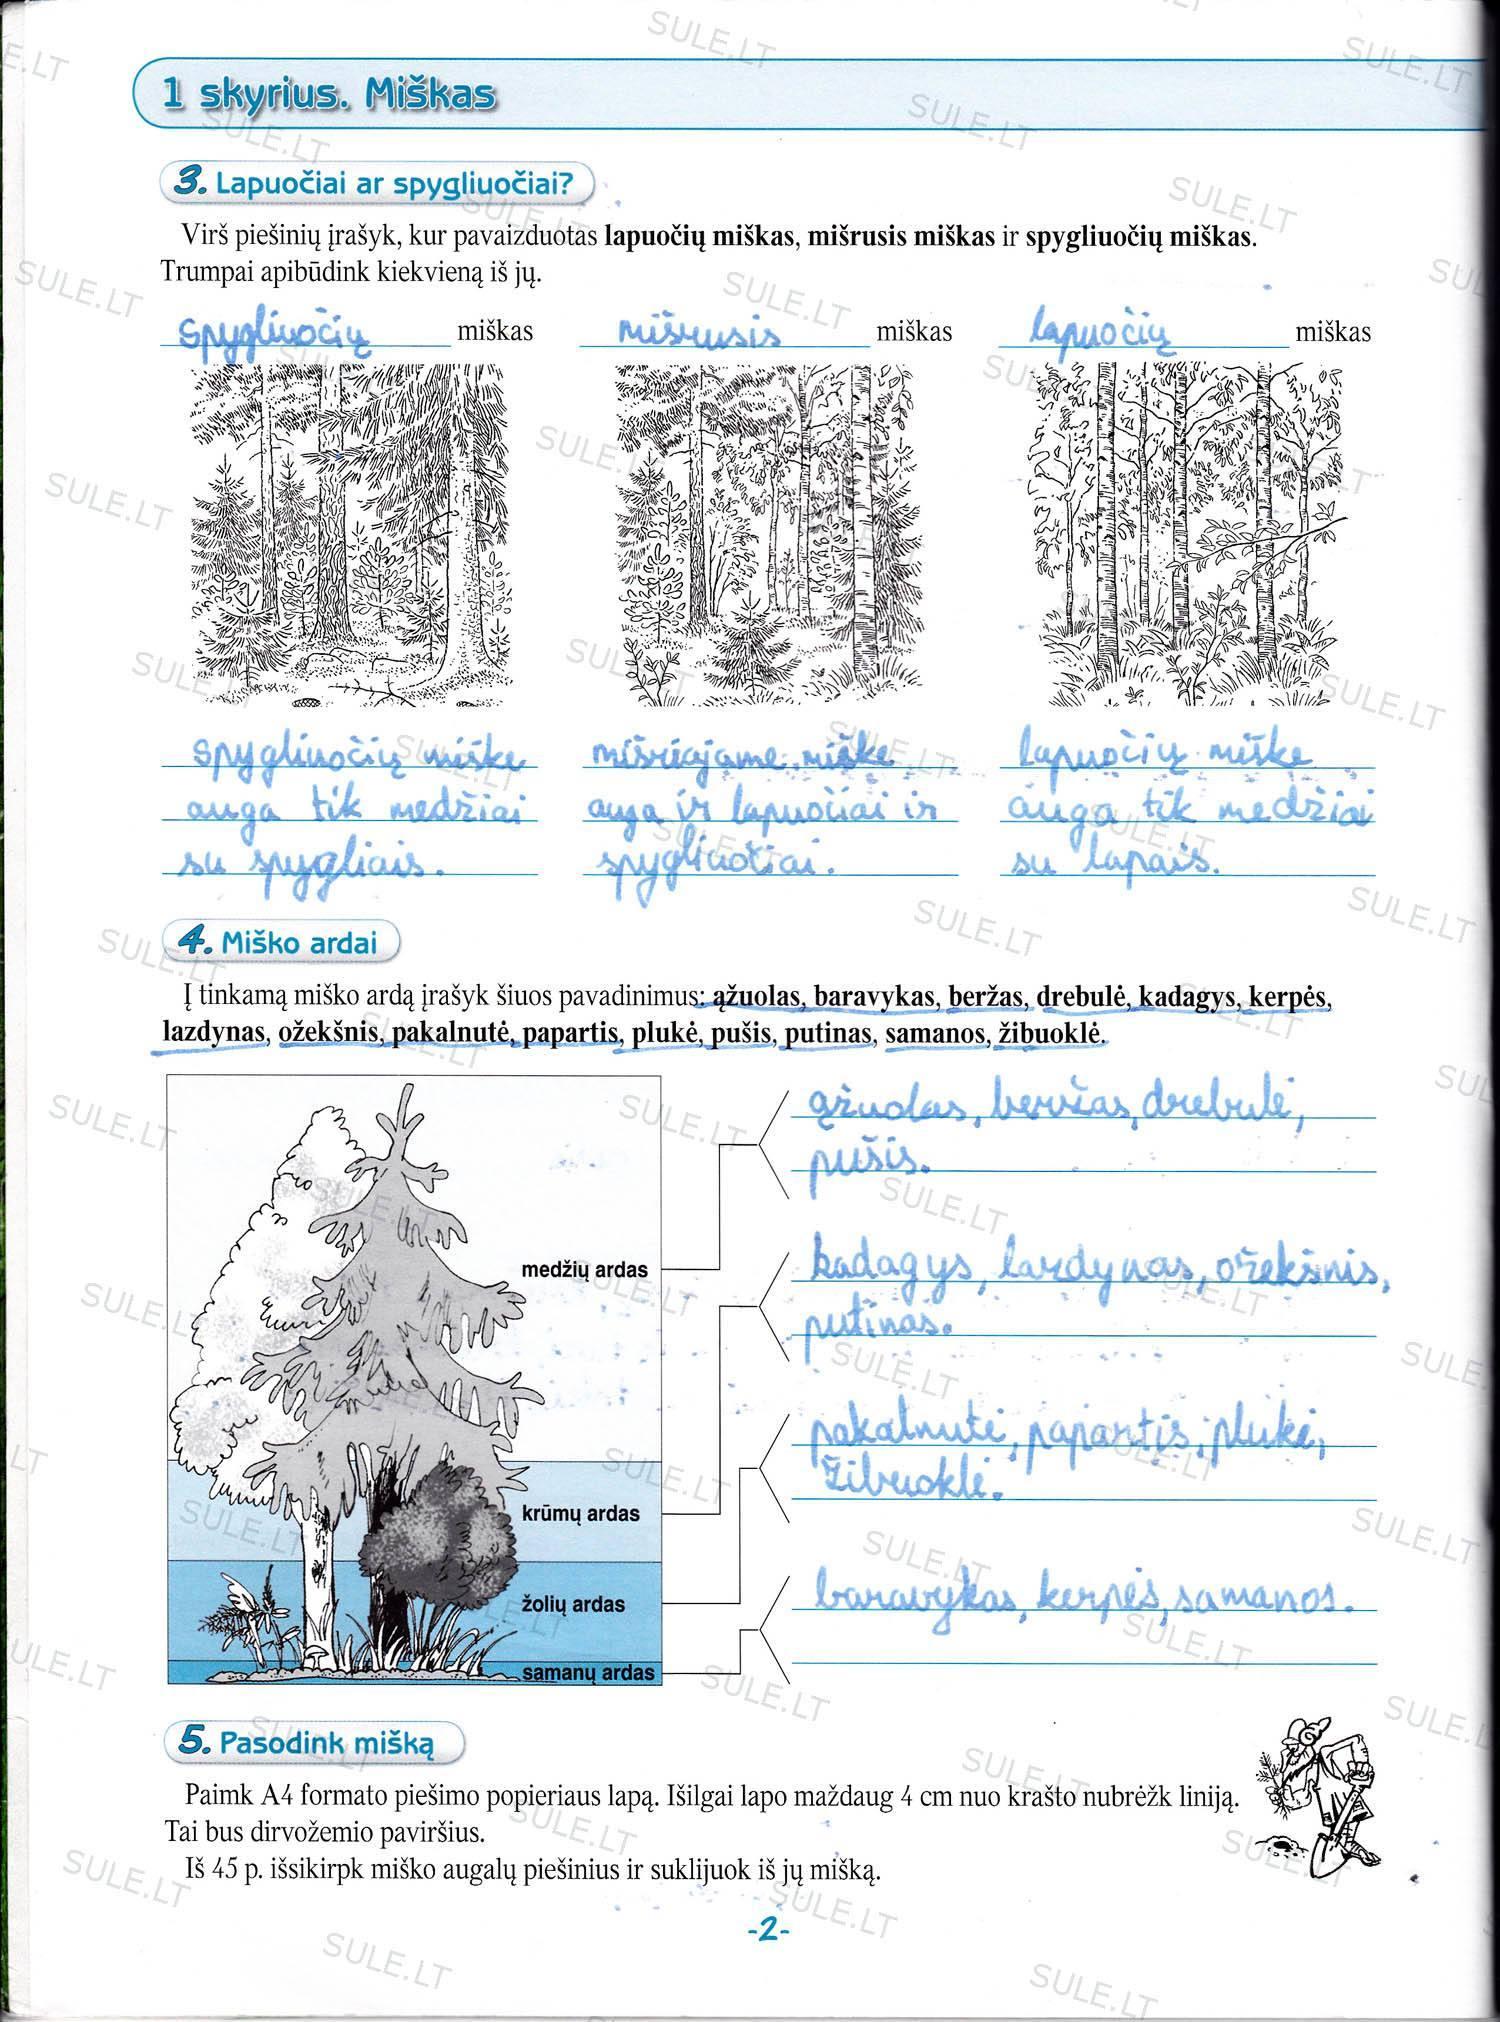 Biologija-6-klasei-2-dalis-2-puslapis